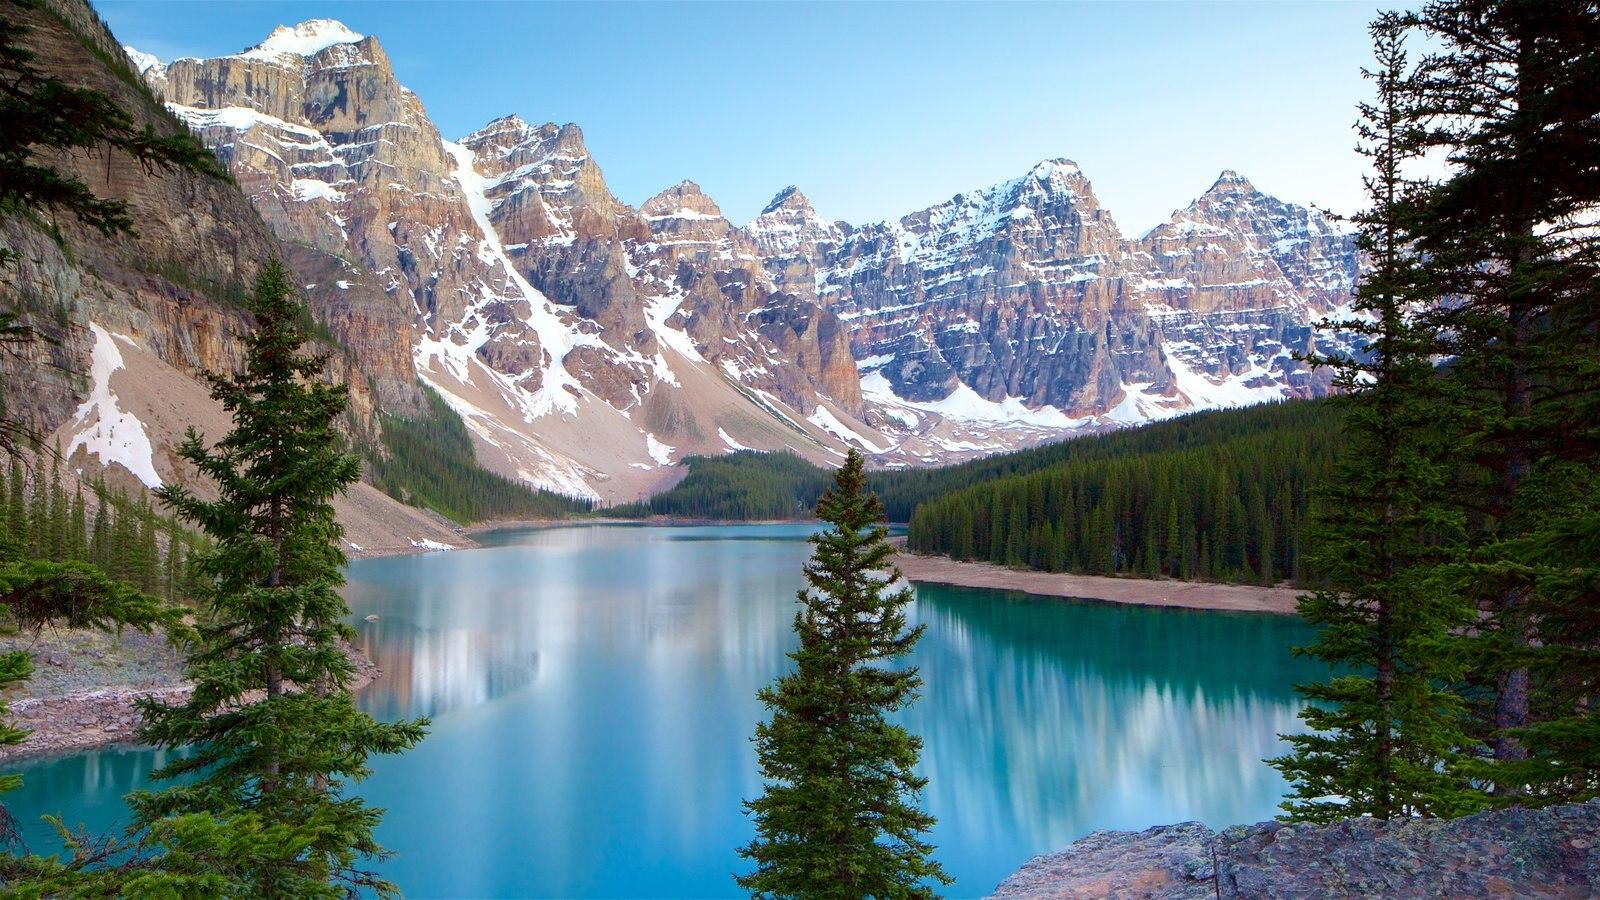 Rocosas Canadienses mostrando vistas de paisajes, montañas y un lago o abrevadero